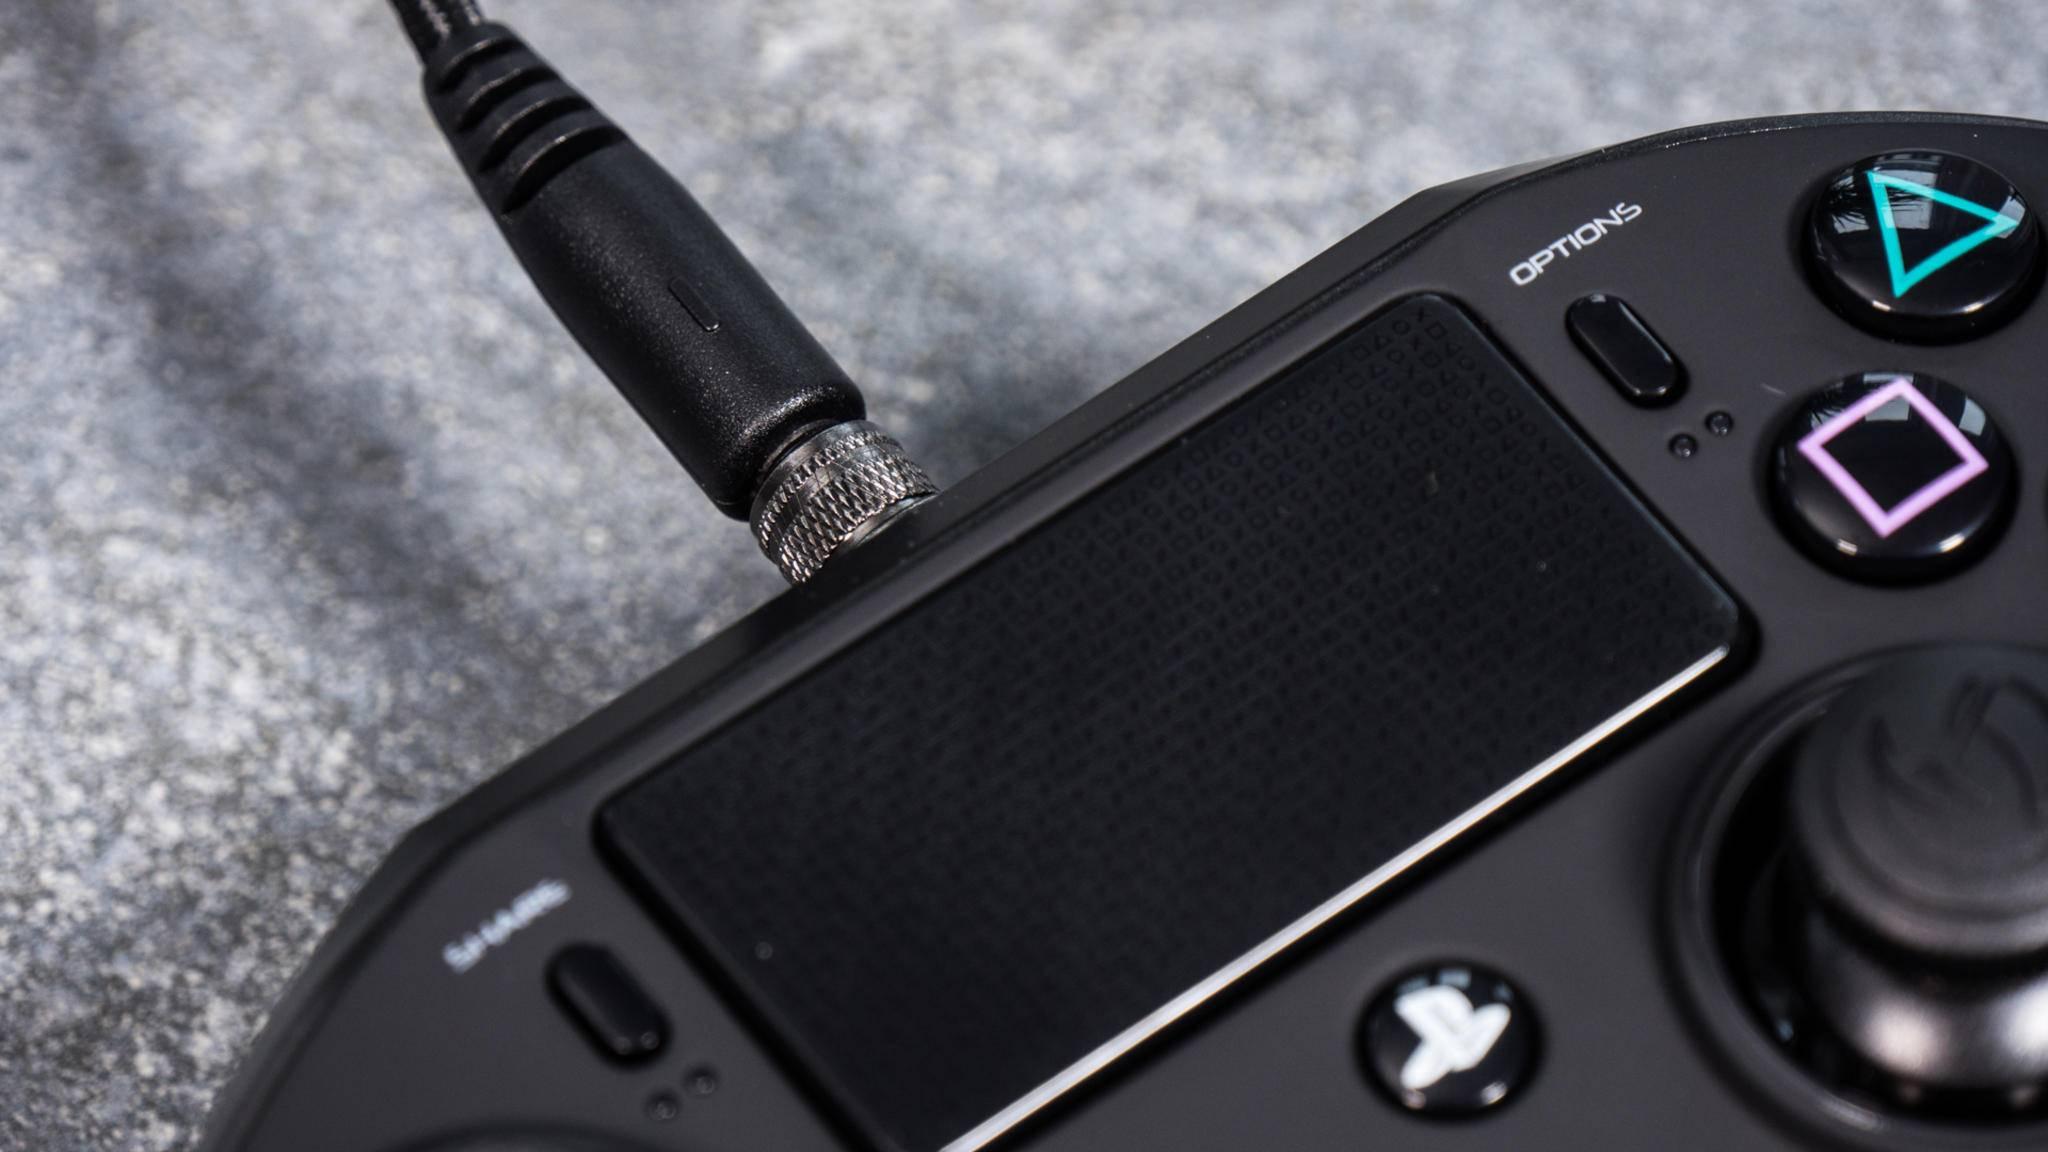 Das Touch-Pad ist mit den PlayStation-Zeichen verziert.